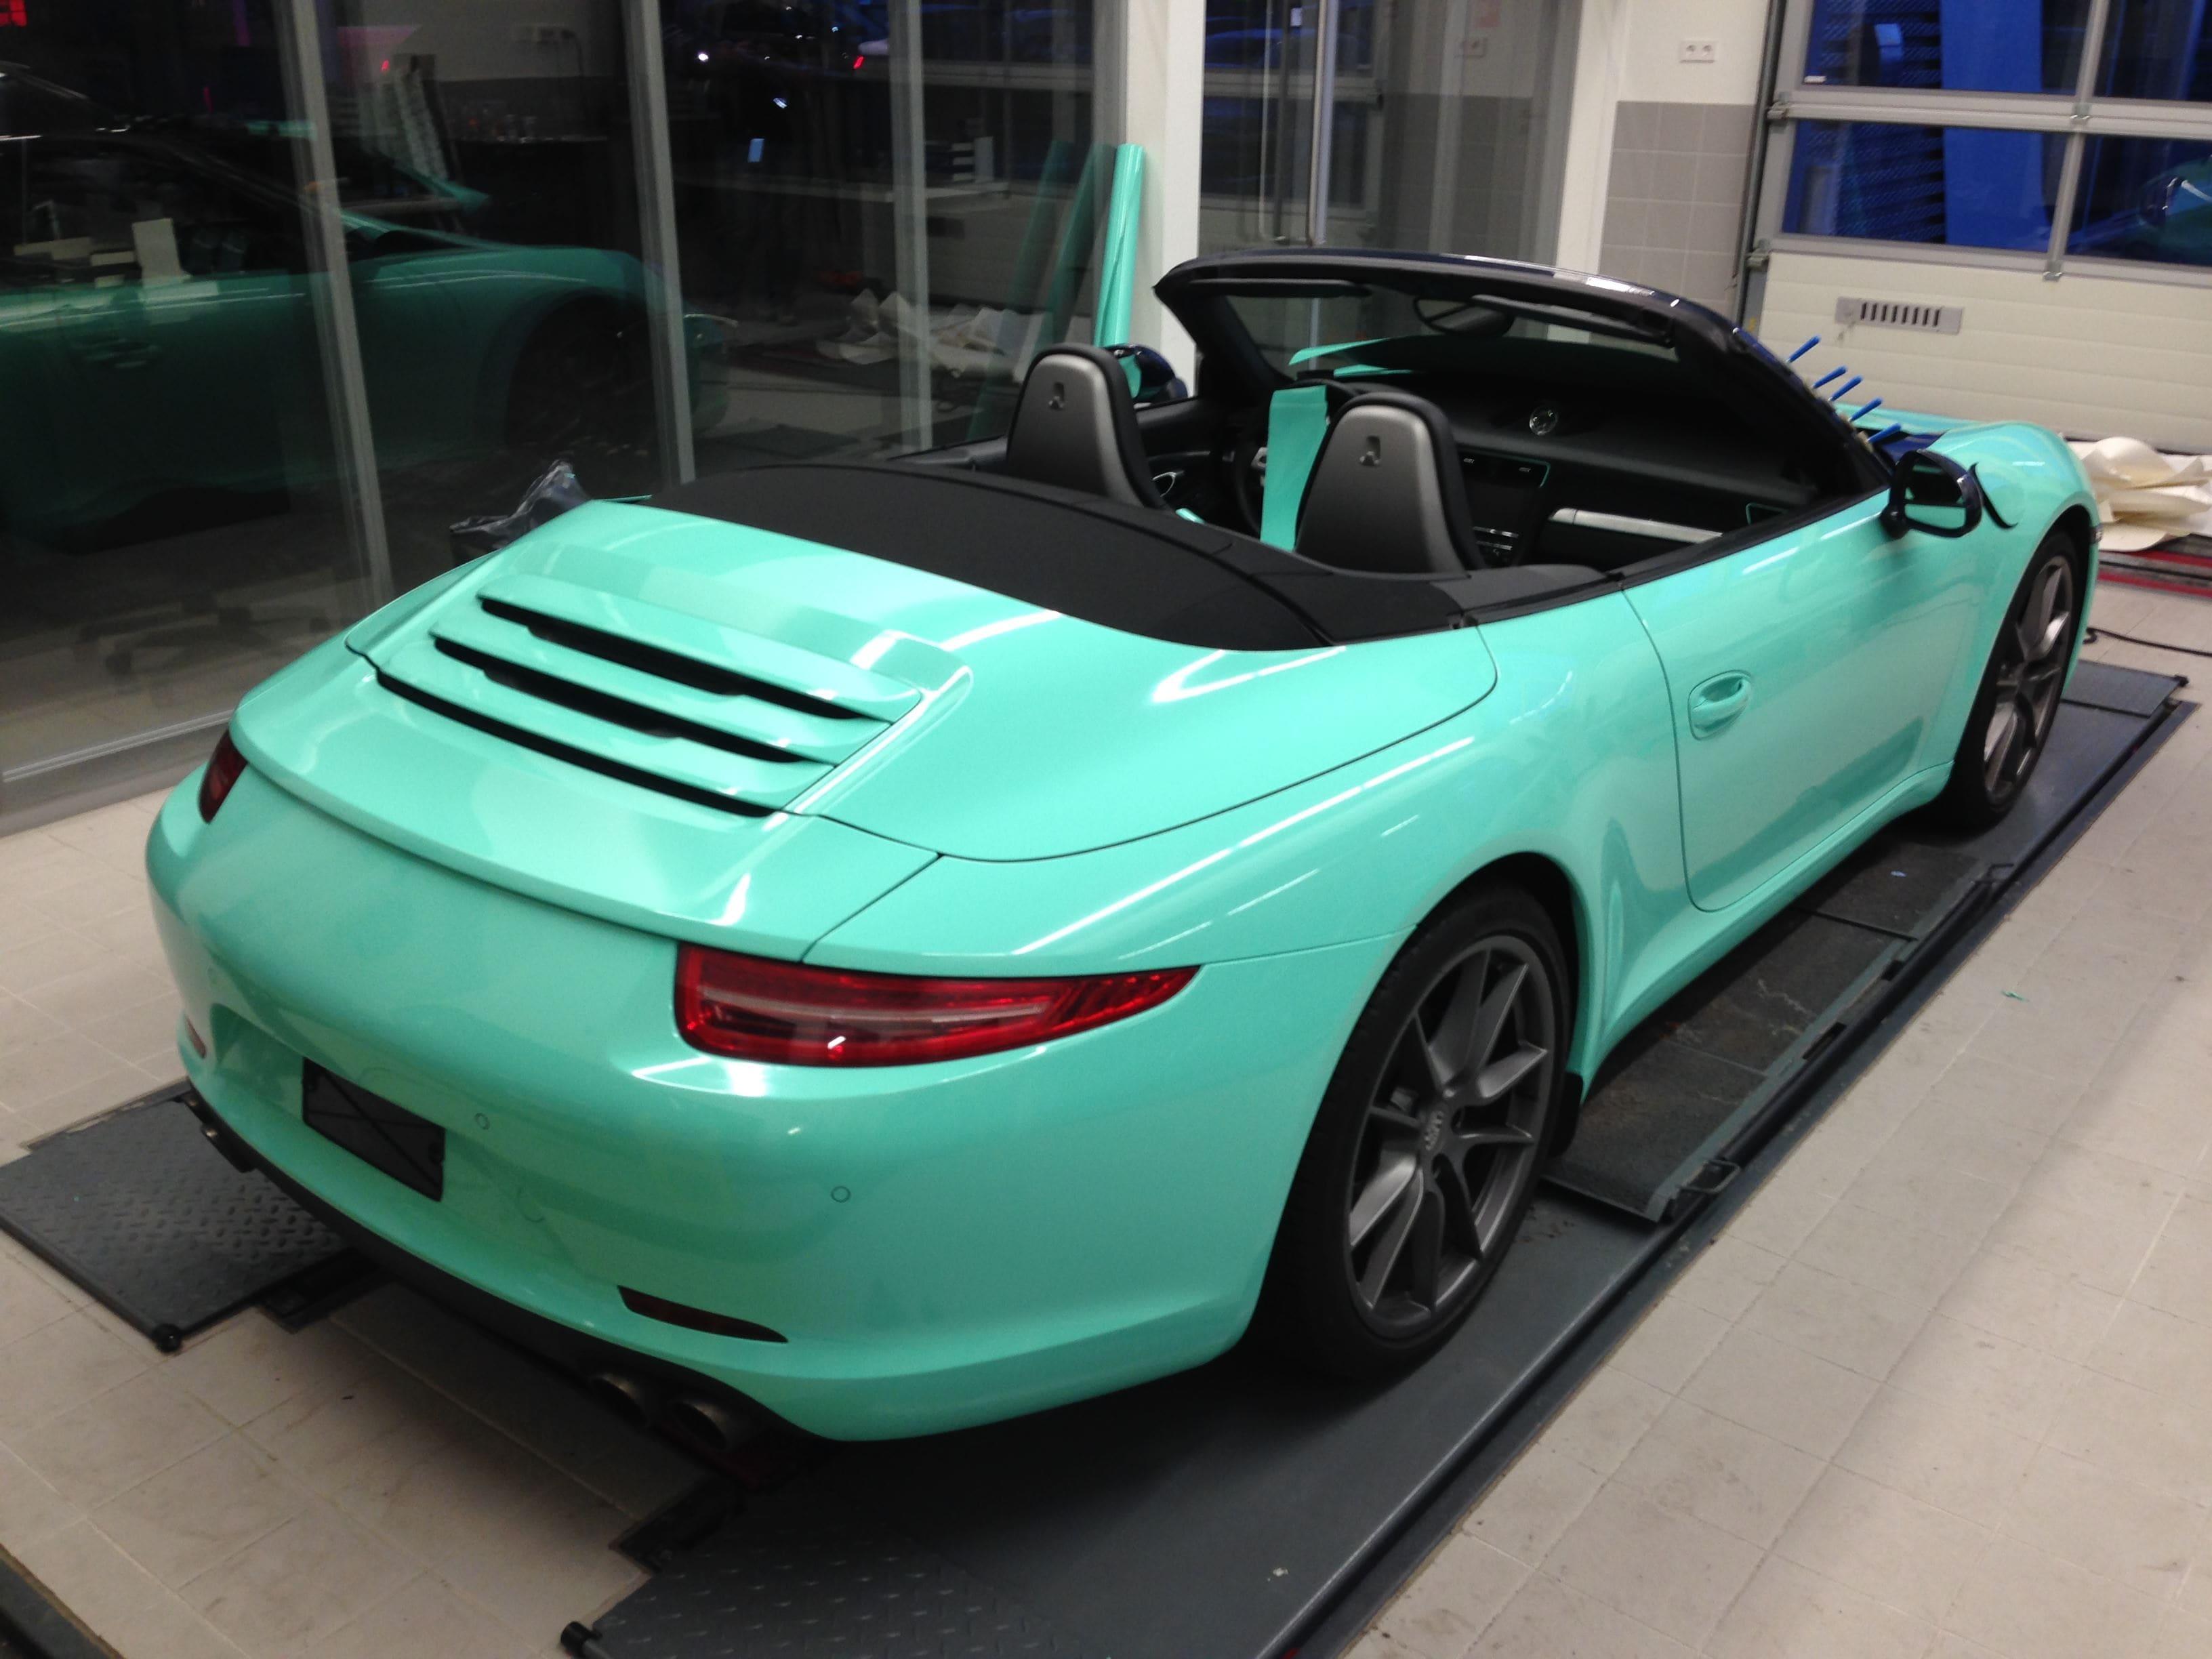 Porsche Carrera Turbo S Cabrio met Mint Green Wrap, Carwrapping door Wrapmyride.nu Foto-nr:6734, ©2021